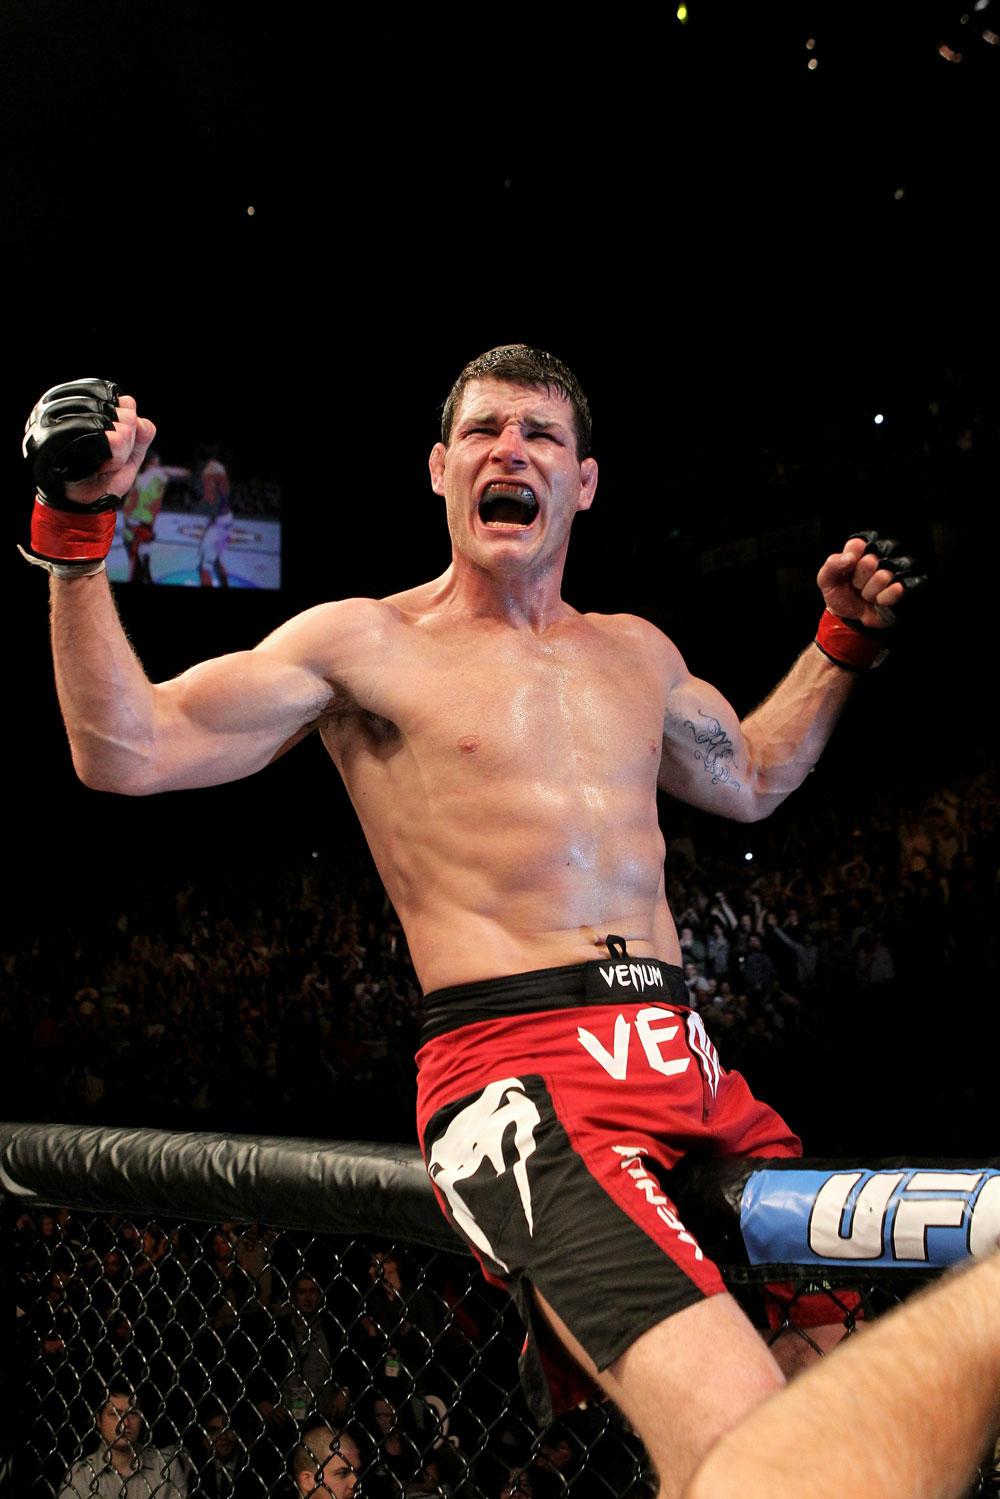 UFC 120: Michael Bisping celebrates